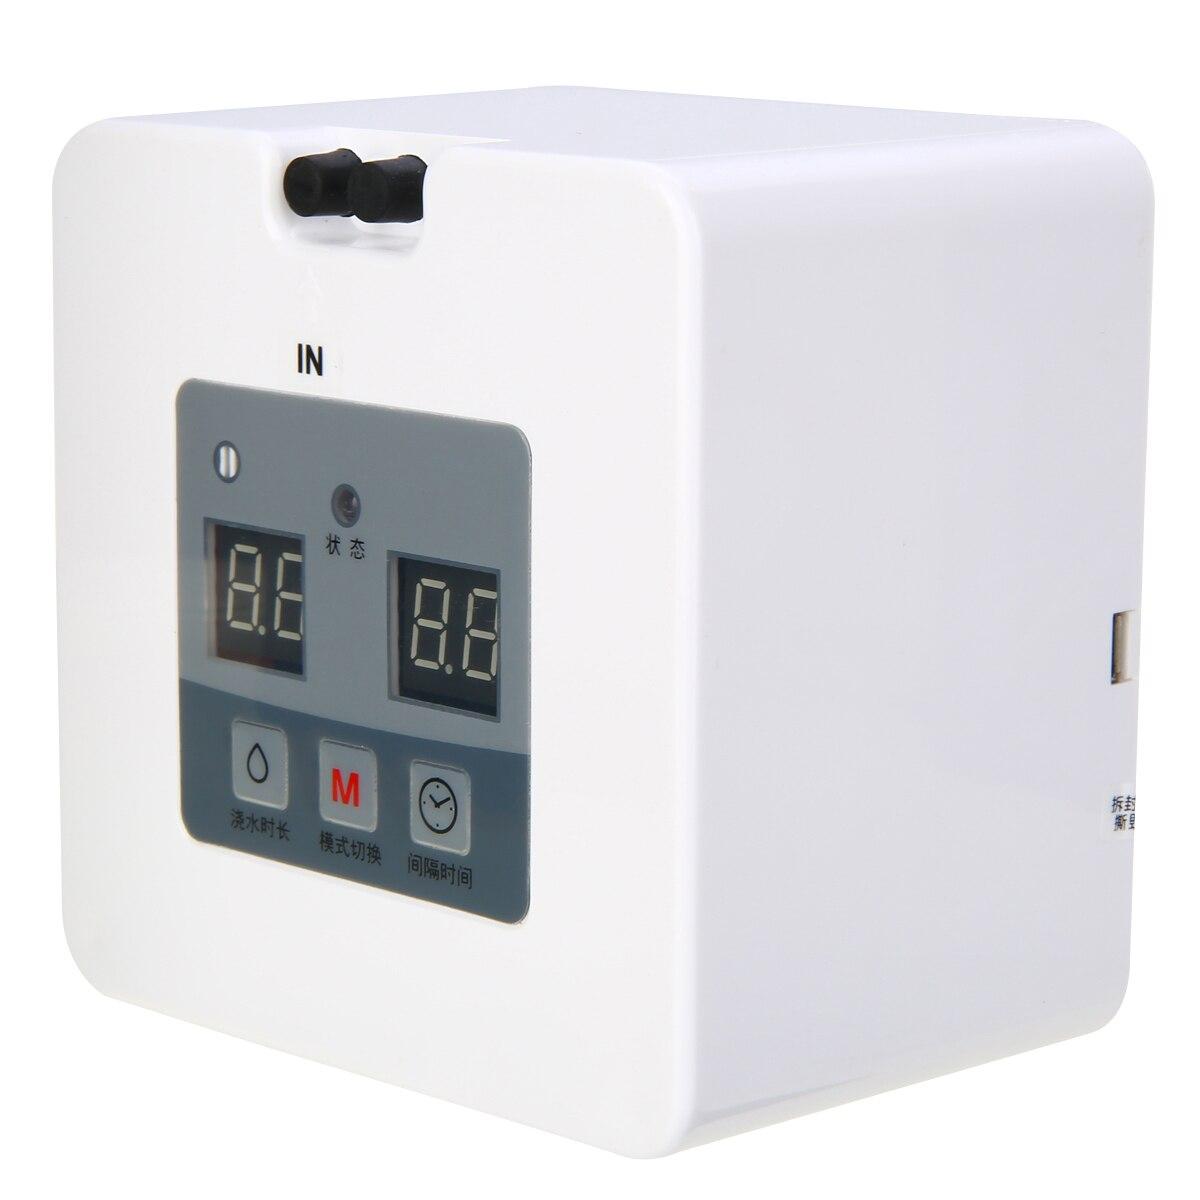 Mayitr bricolage Micro Kit d'irrigation goutte à goutte automatique 30 jours minuterie USB système d'irrigation automatique Kits d'arrosage